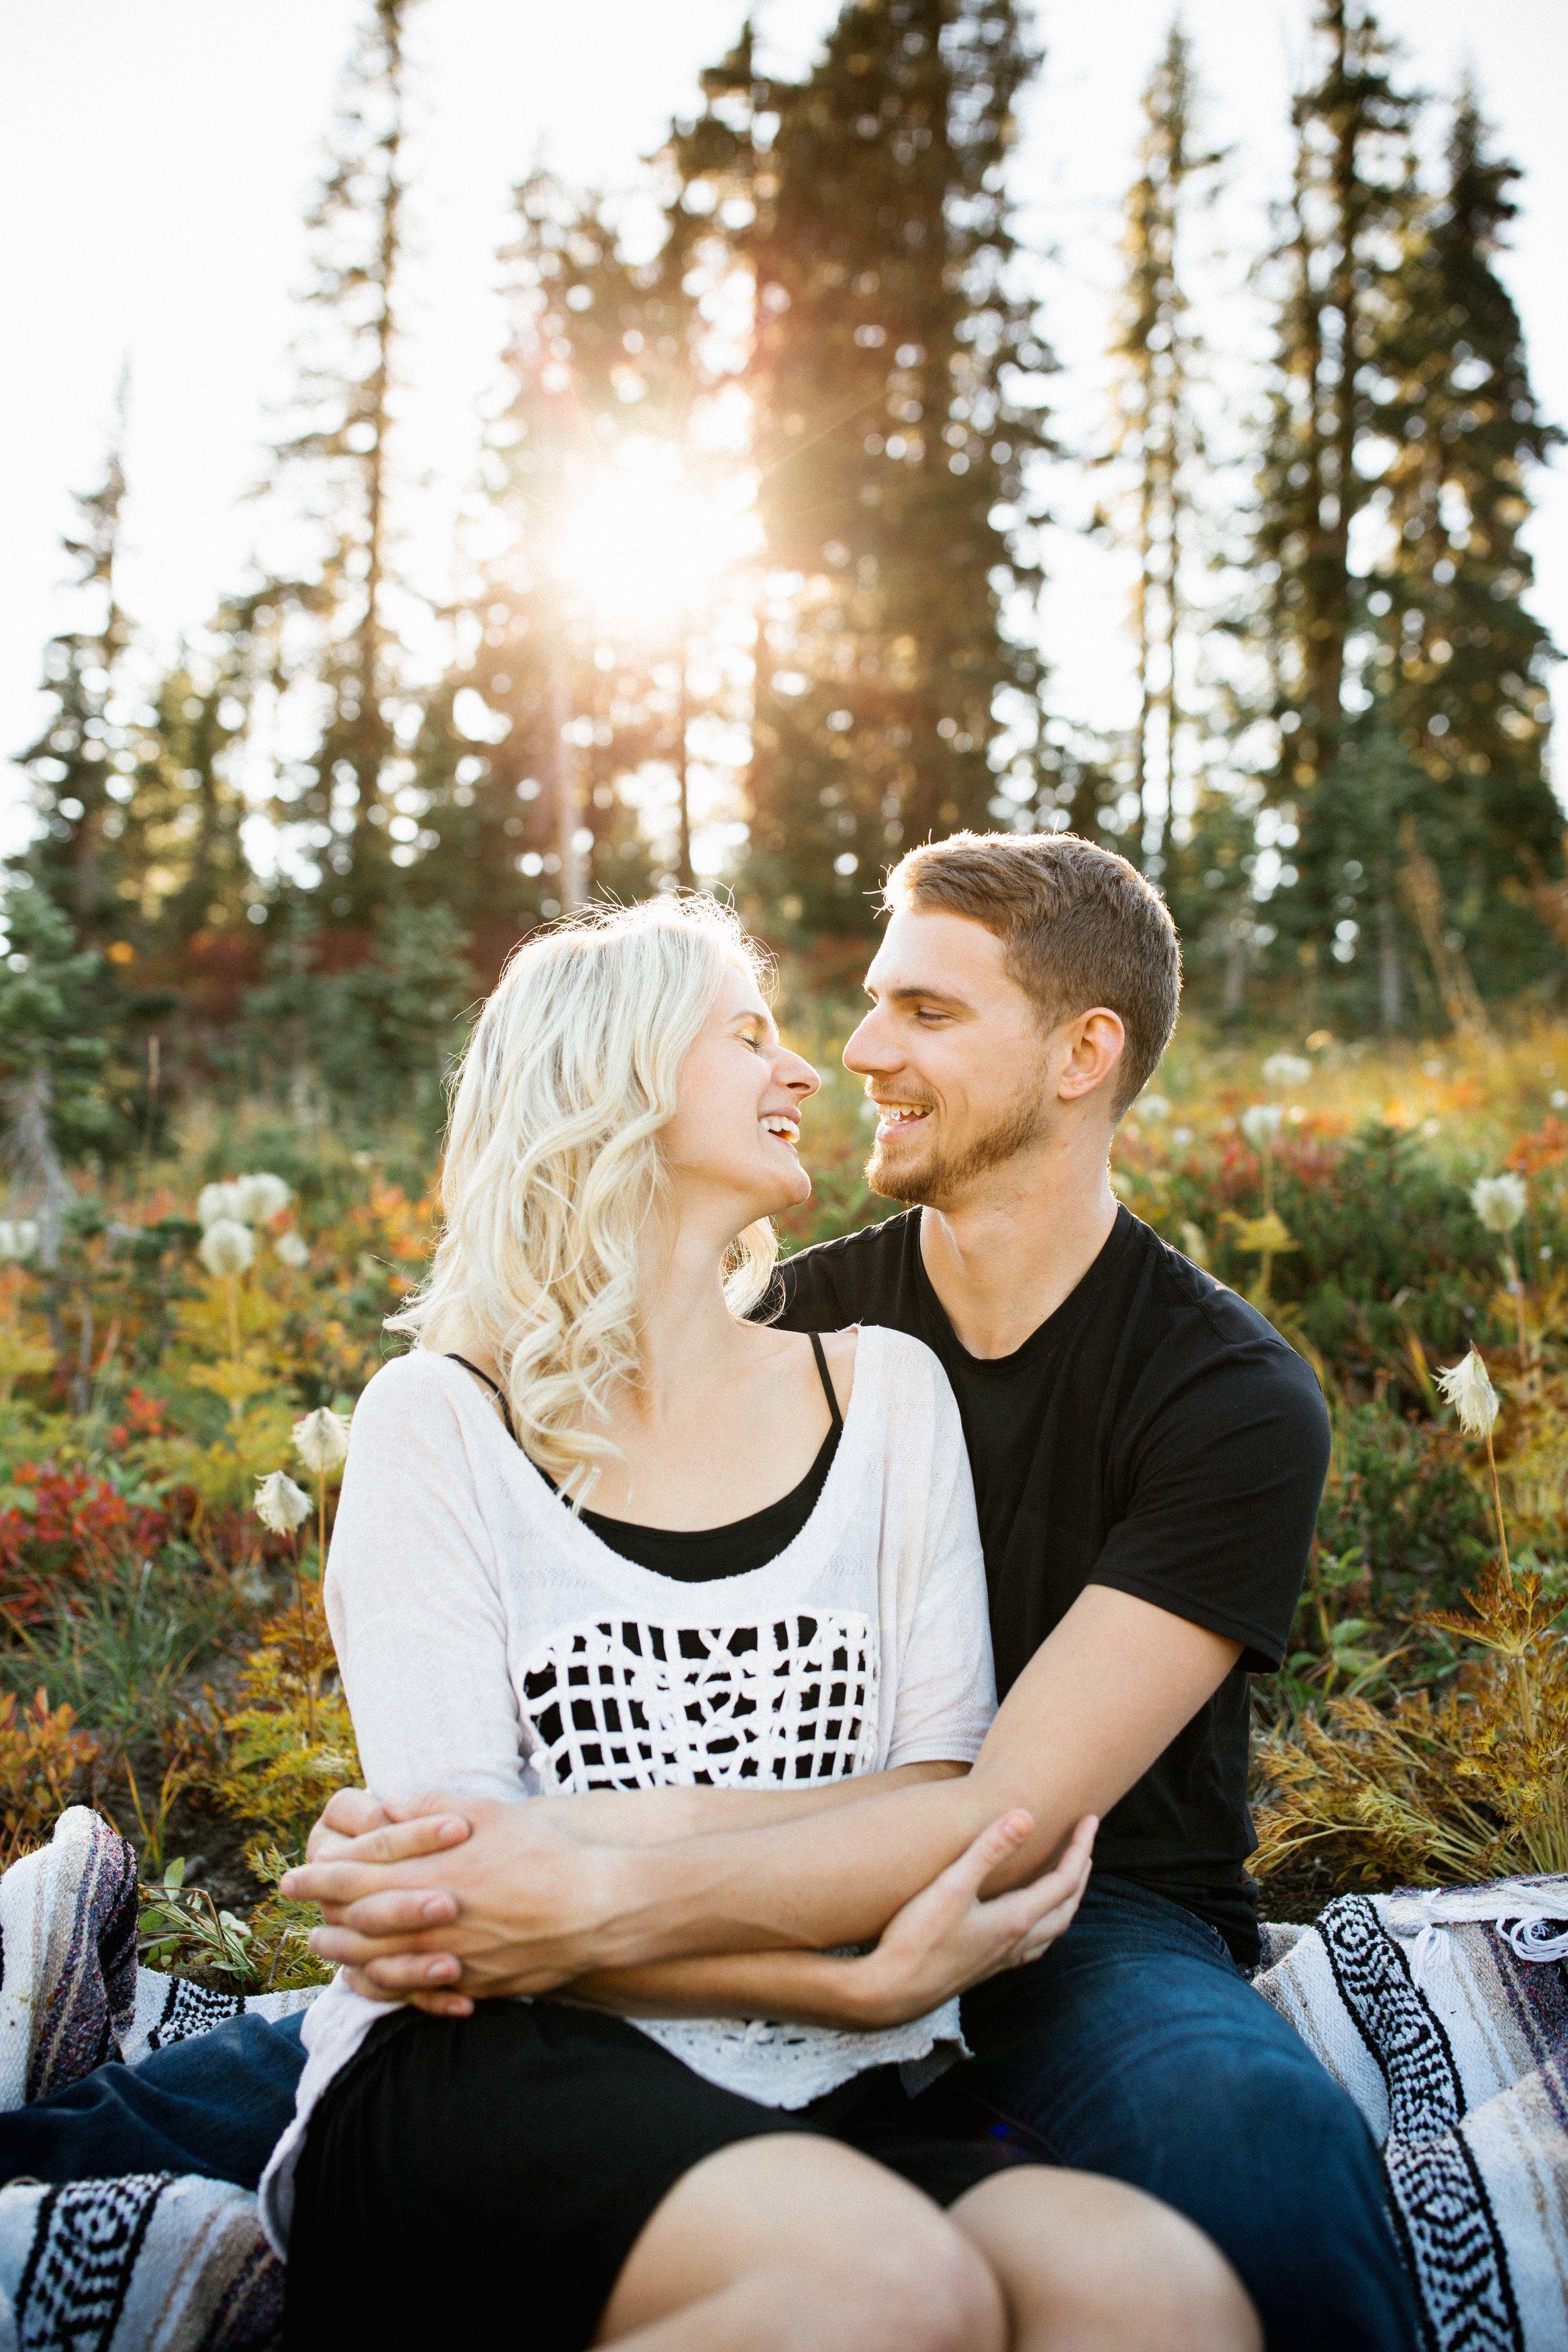 Alexis&Kyle-Engaged!BLOG-51.jpg